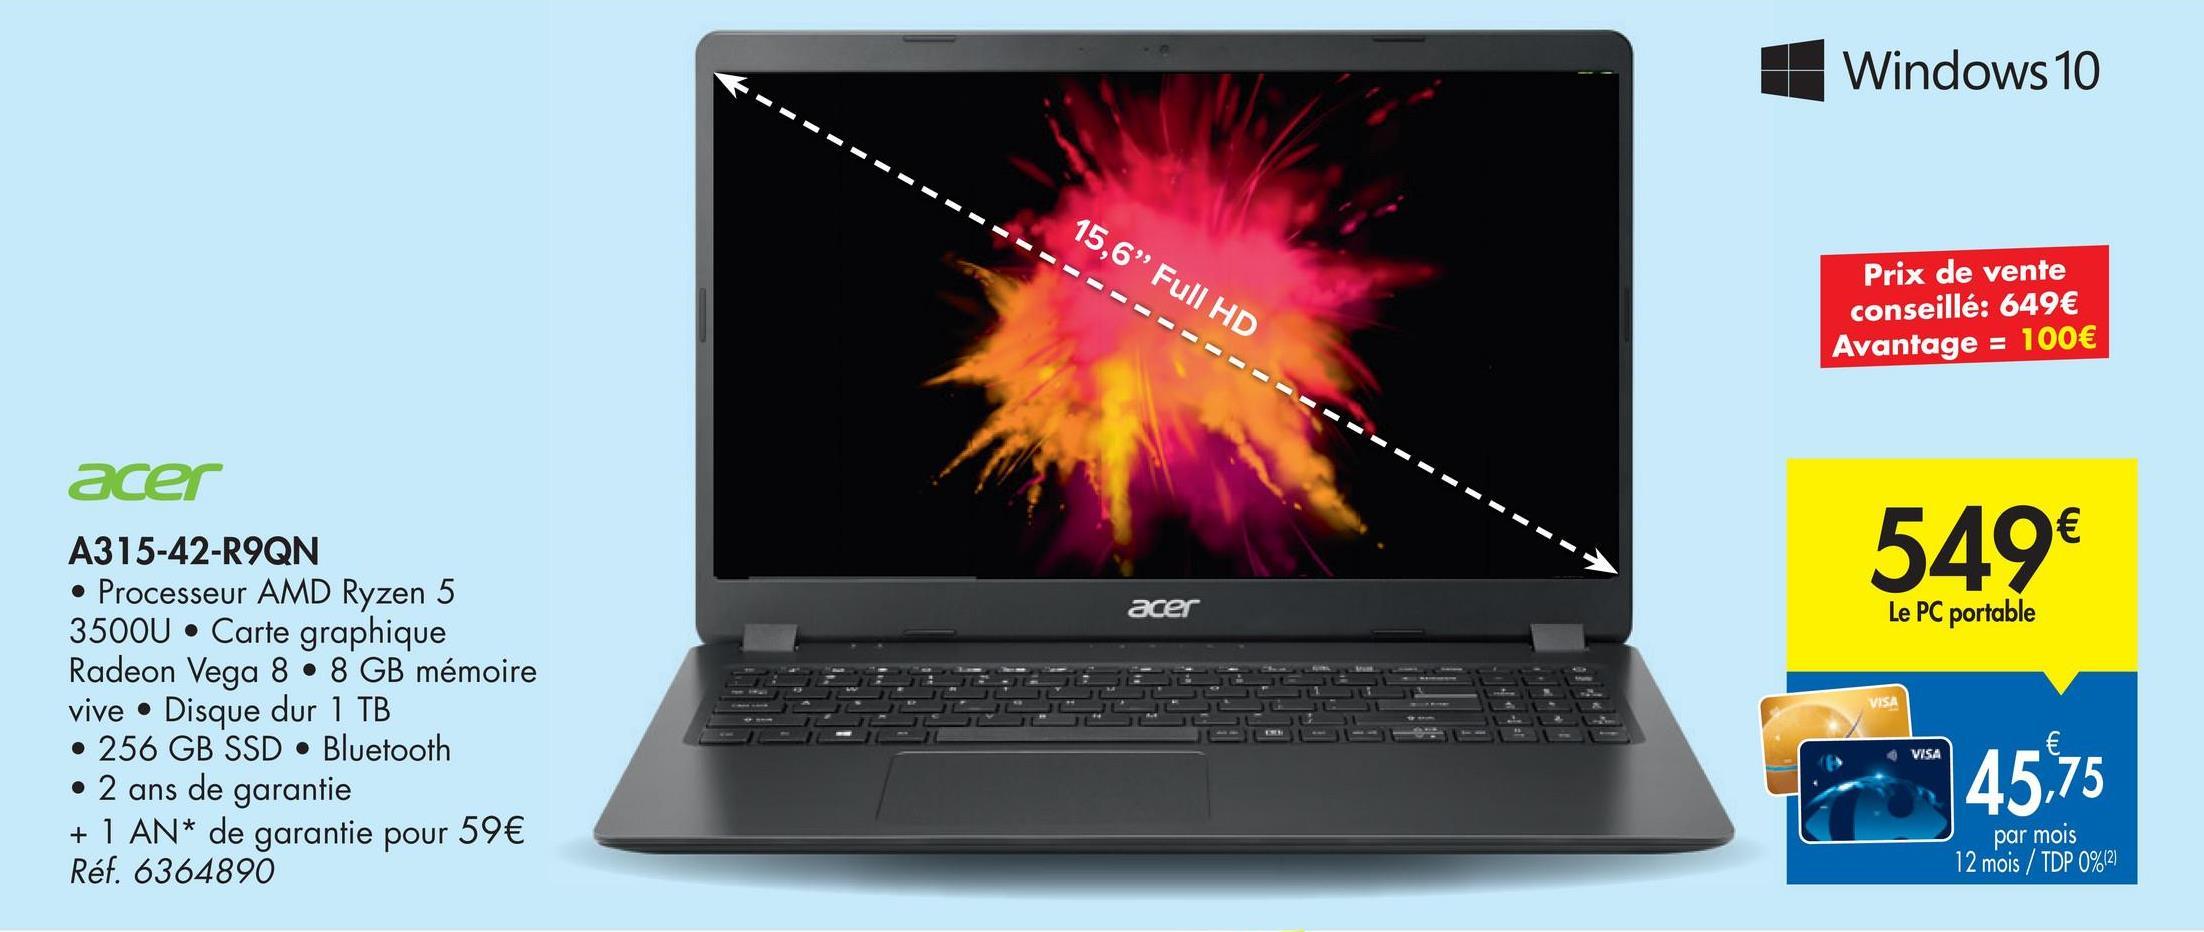 """Windows 10 15,6"""" Full HD -------- Prix de vente conseillé: 649€ Avantage = 100€ acer 549€ acer Le PC portable A315-42-R9QN • Processeur AMD Ryzen 5 3500U • Carte graphique Radeon Vega 8 • 8 GB mémoire vive • Disque dur 1 TB • 256 GB SSD • Bluetooth • 2 ans de garantie + 1 AN* de garantie pour 59€ Réf. 6364890 VISA € VISA 45,75 par mois 12 mois / TDP 0%12)"""